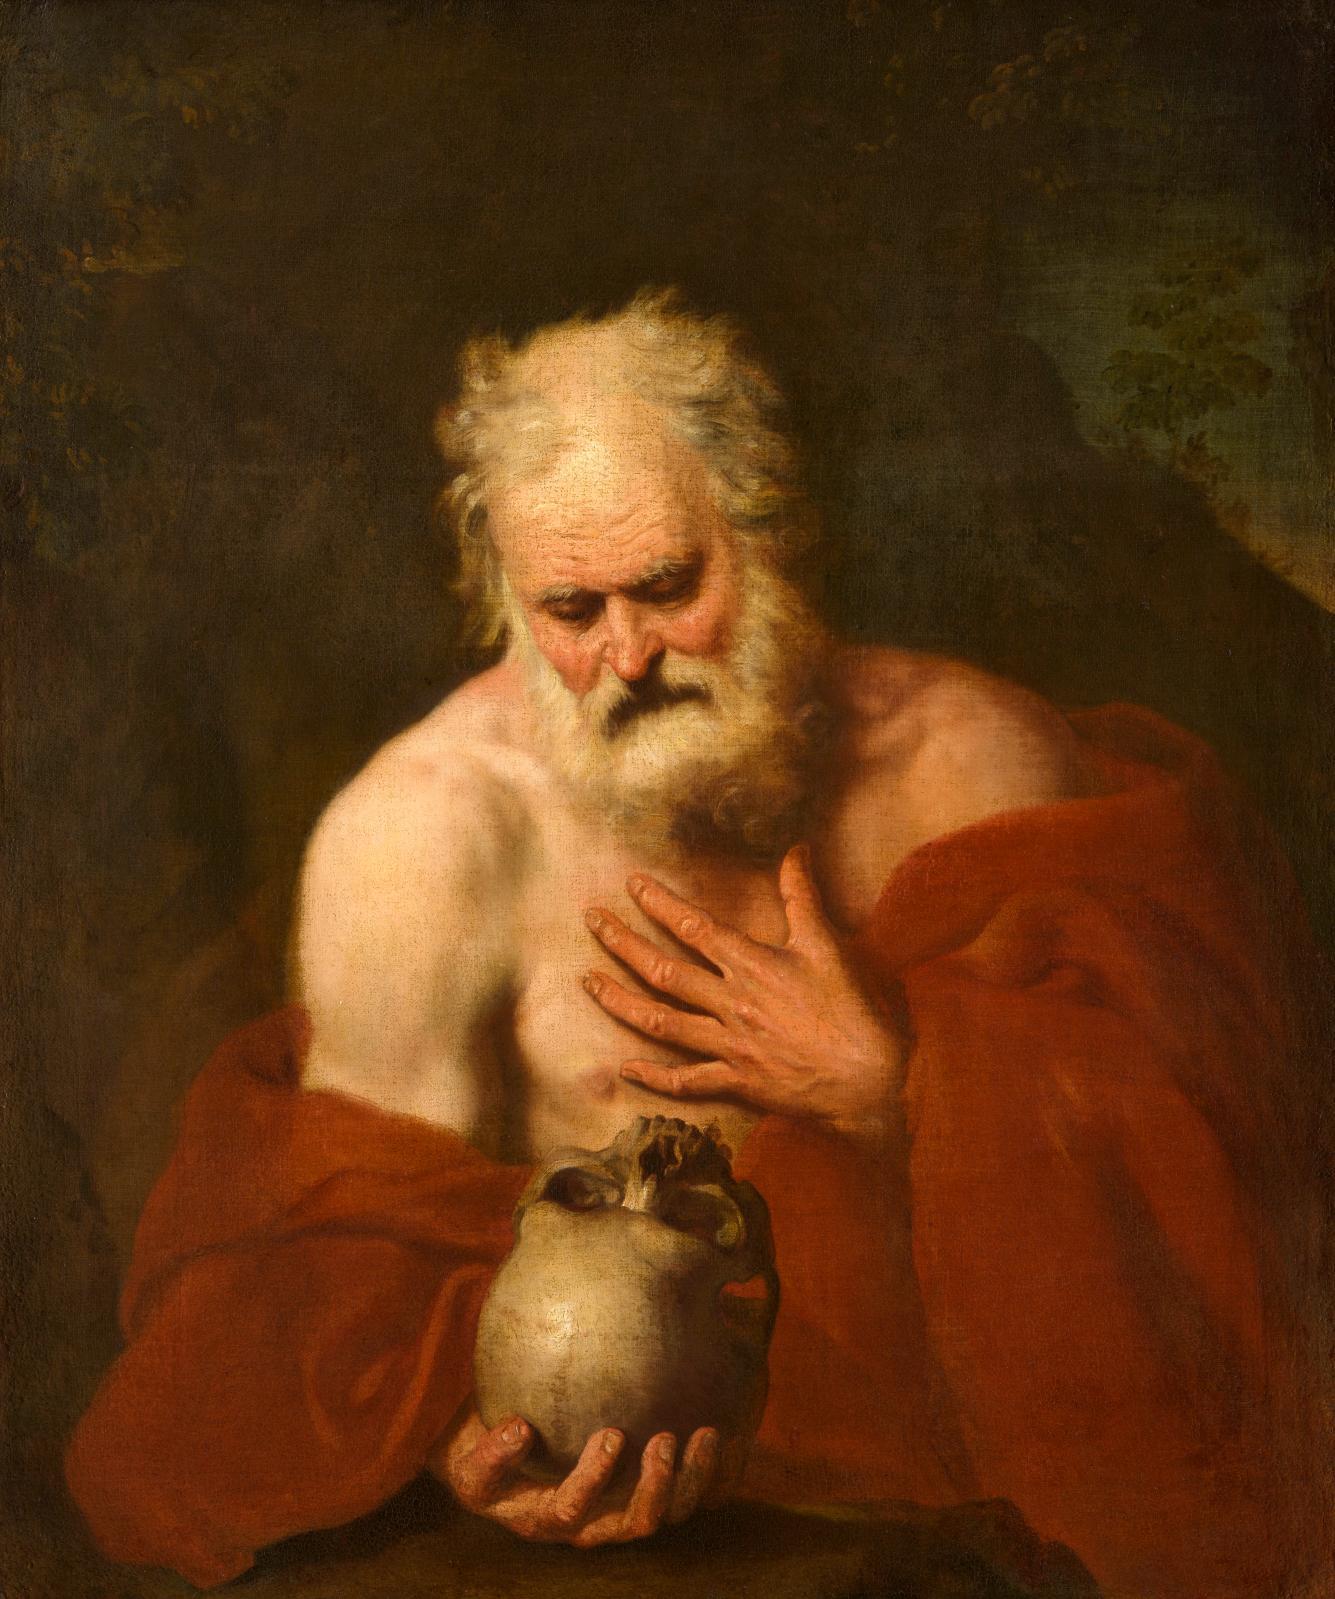 Joseph-Marie Vien, Saint Jérôme huile sur toile, 78,4 x 59 cm.